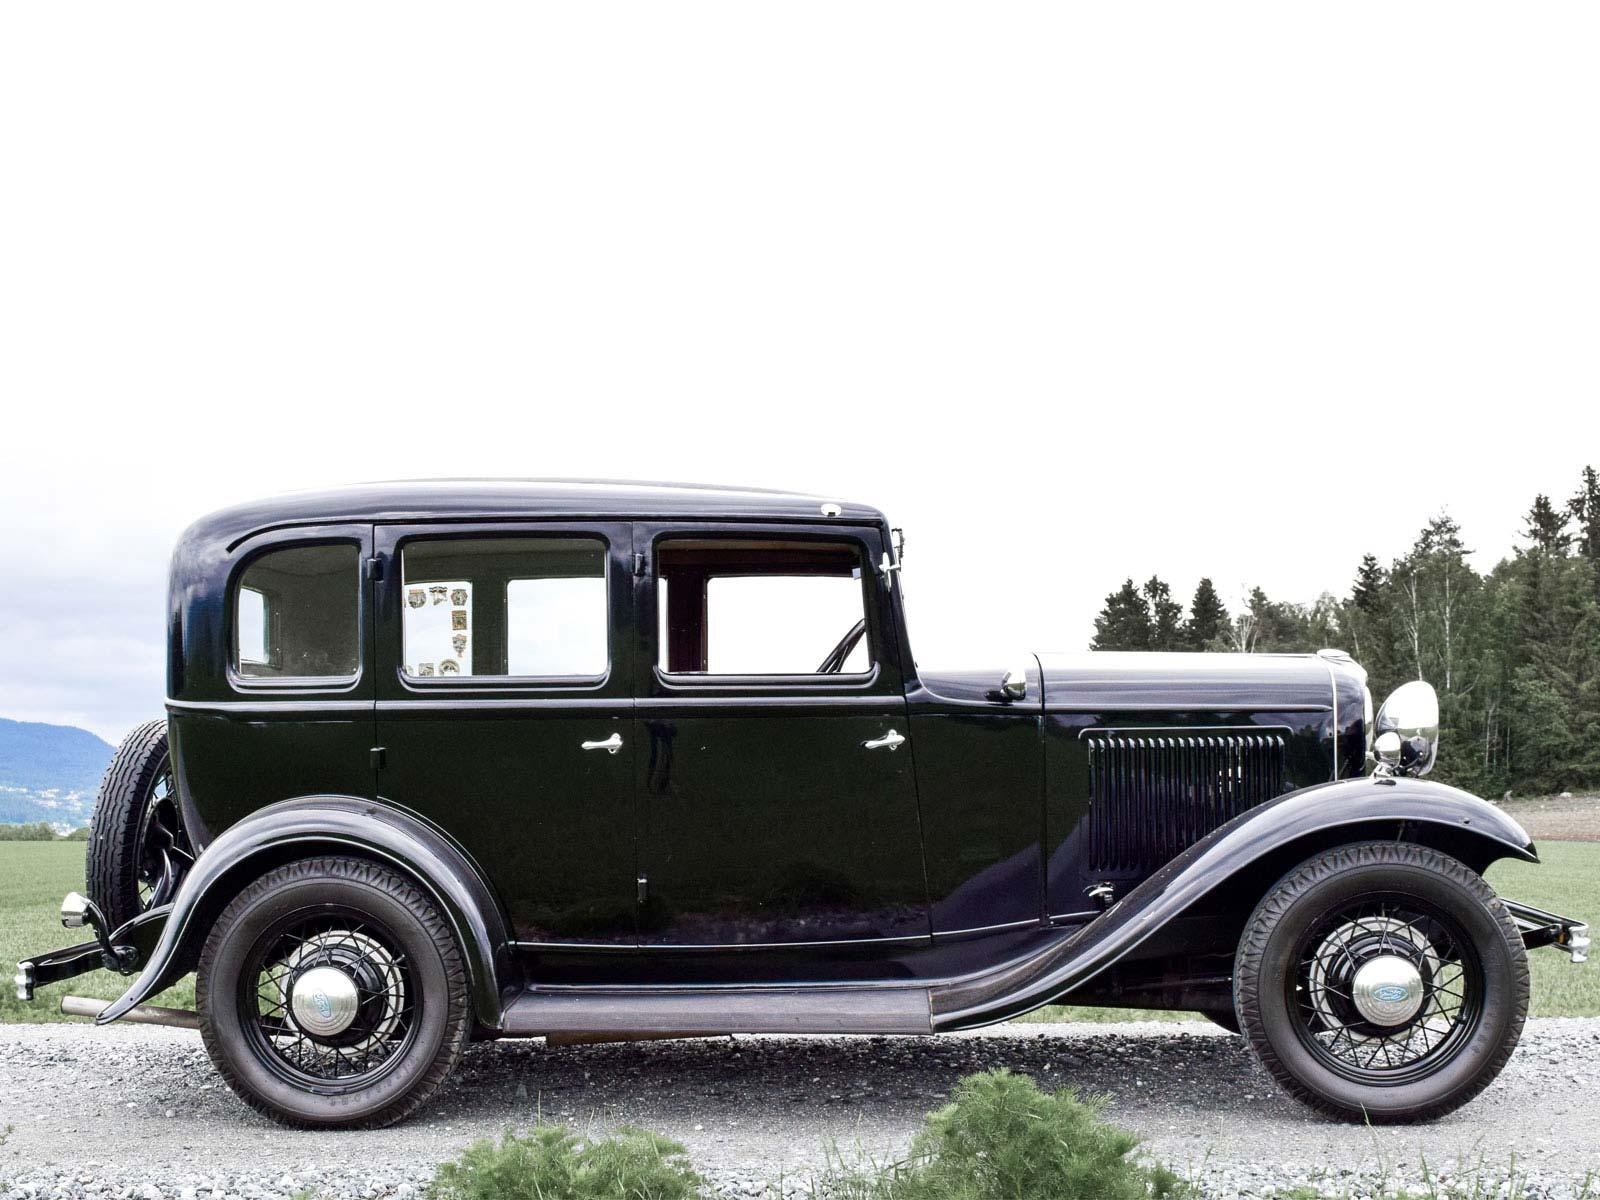 Ford B Sedan 1932 modell. Se vårt utvalg av biler.